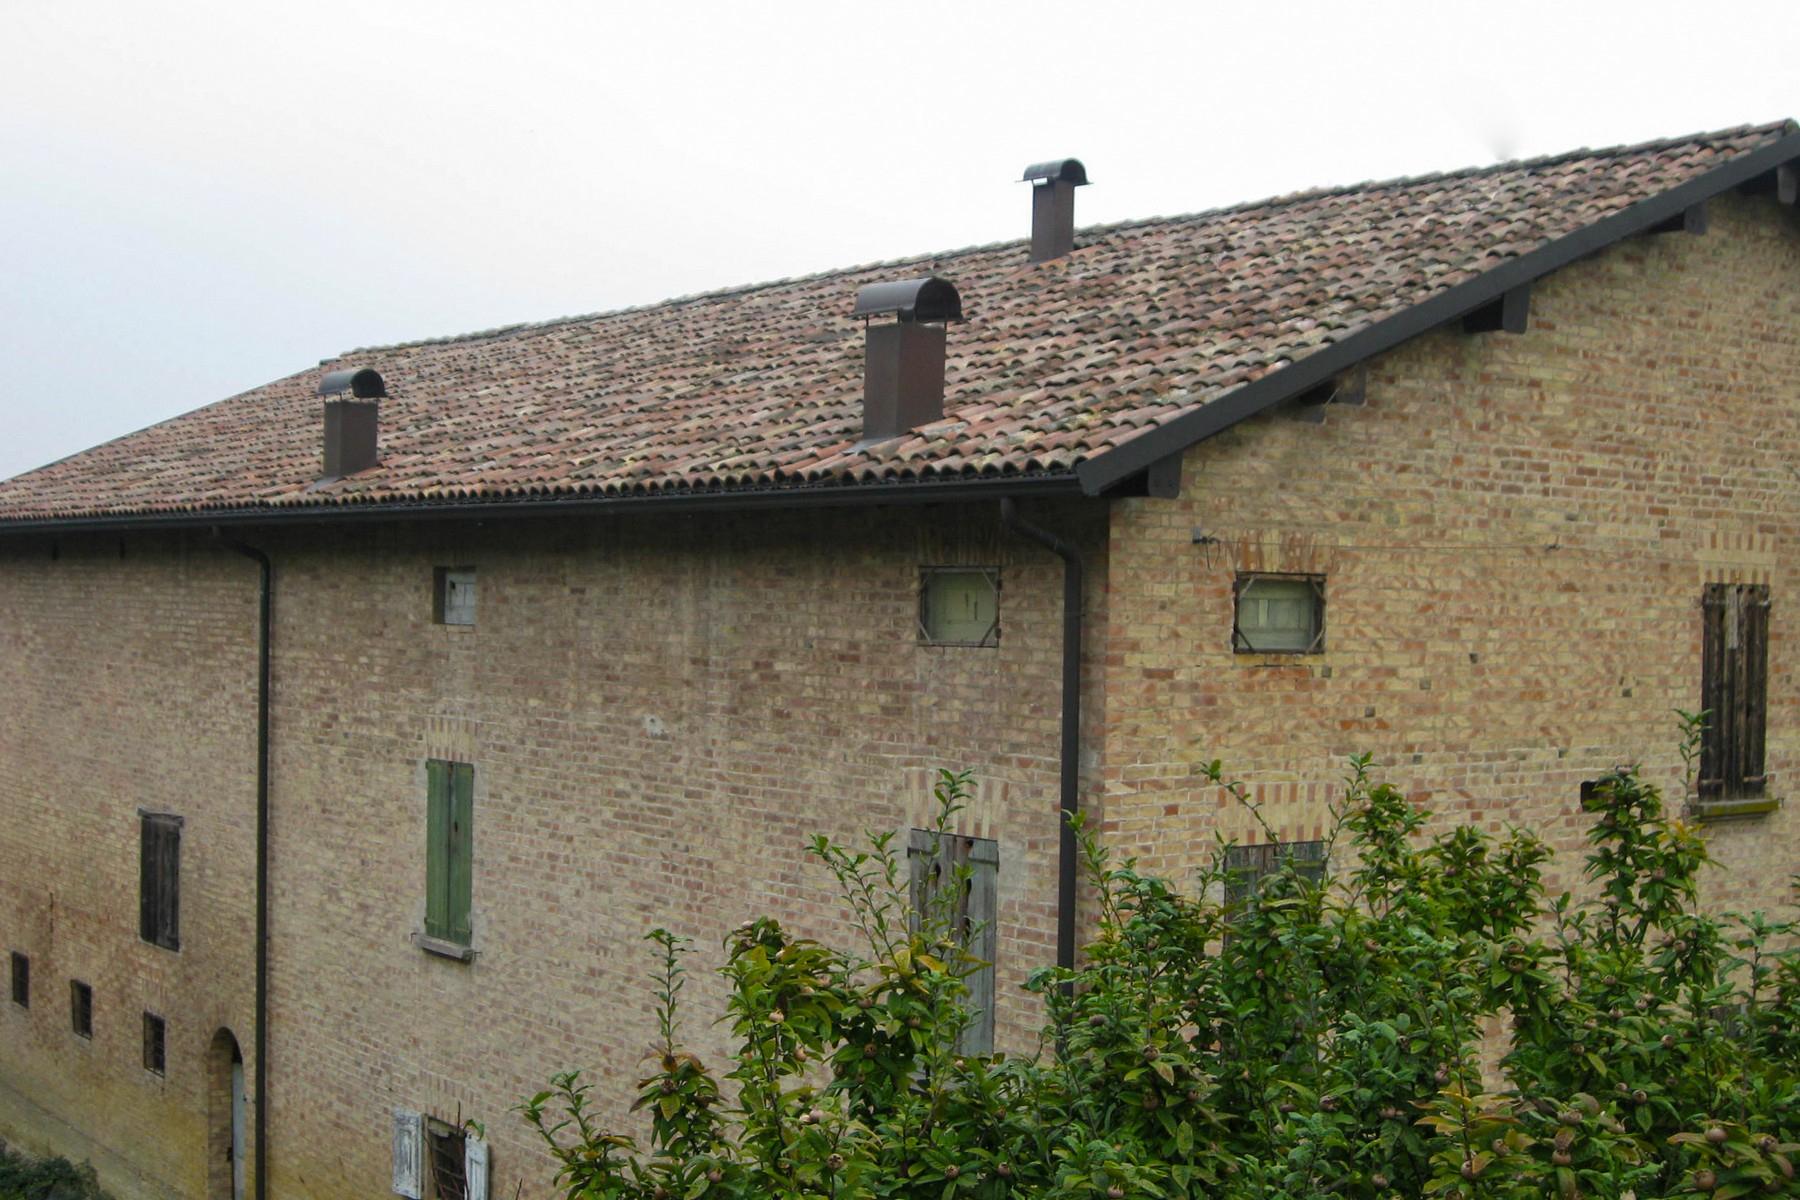 Rustico in Vendita a Castelvetro Di Modena: 5 locali, 3100 mq - Foto 10